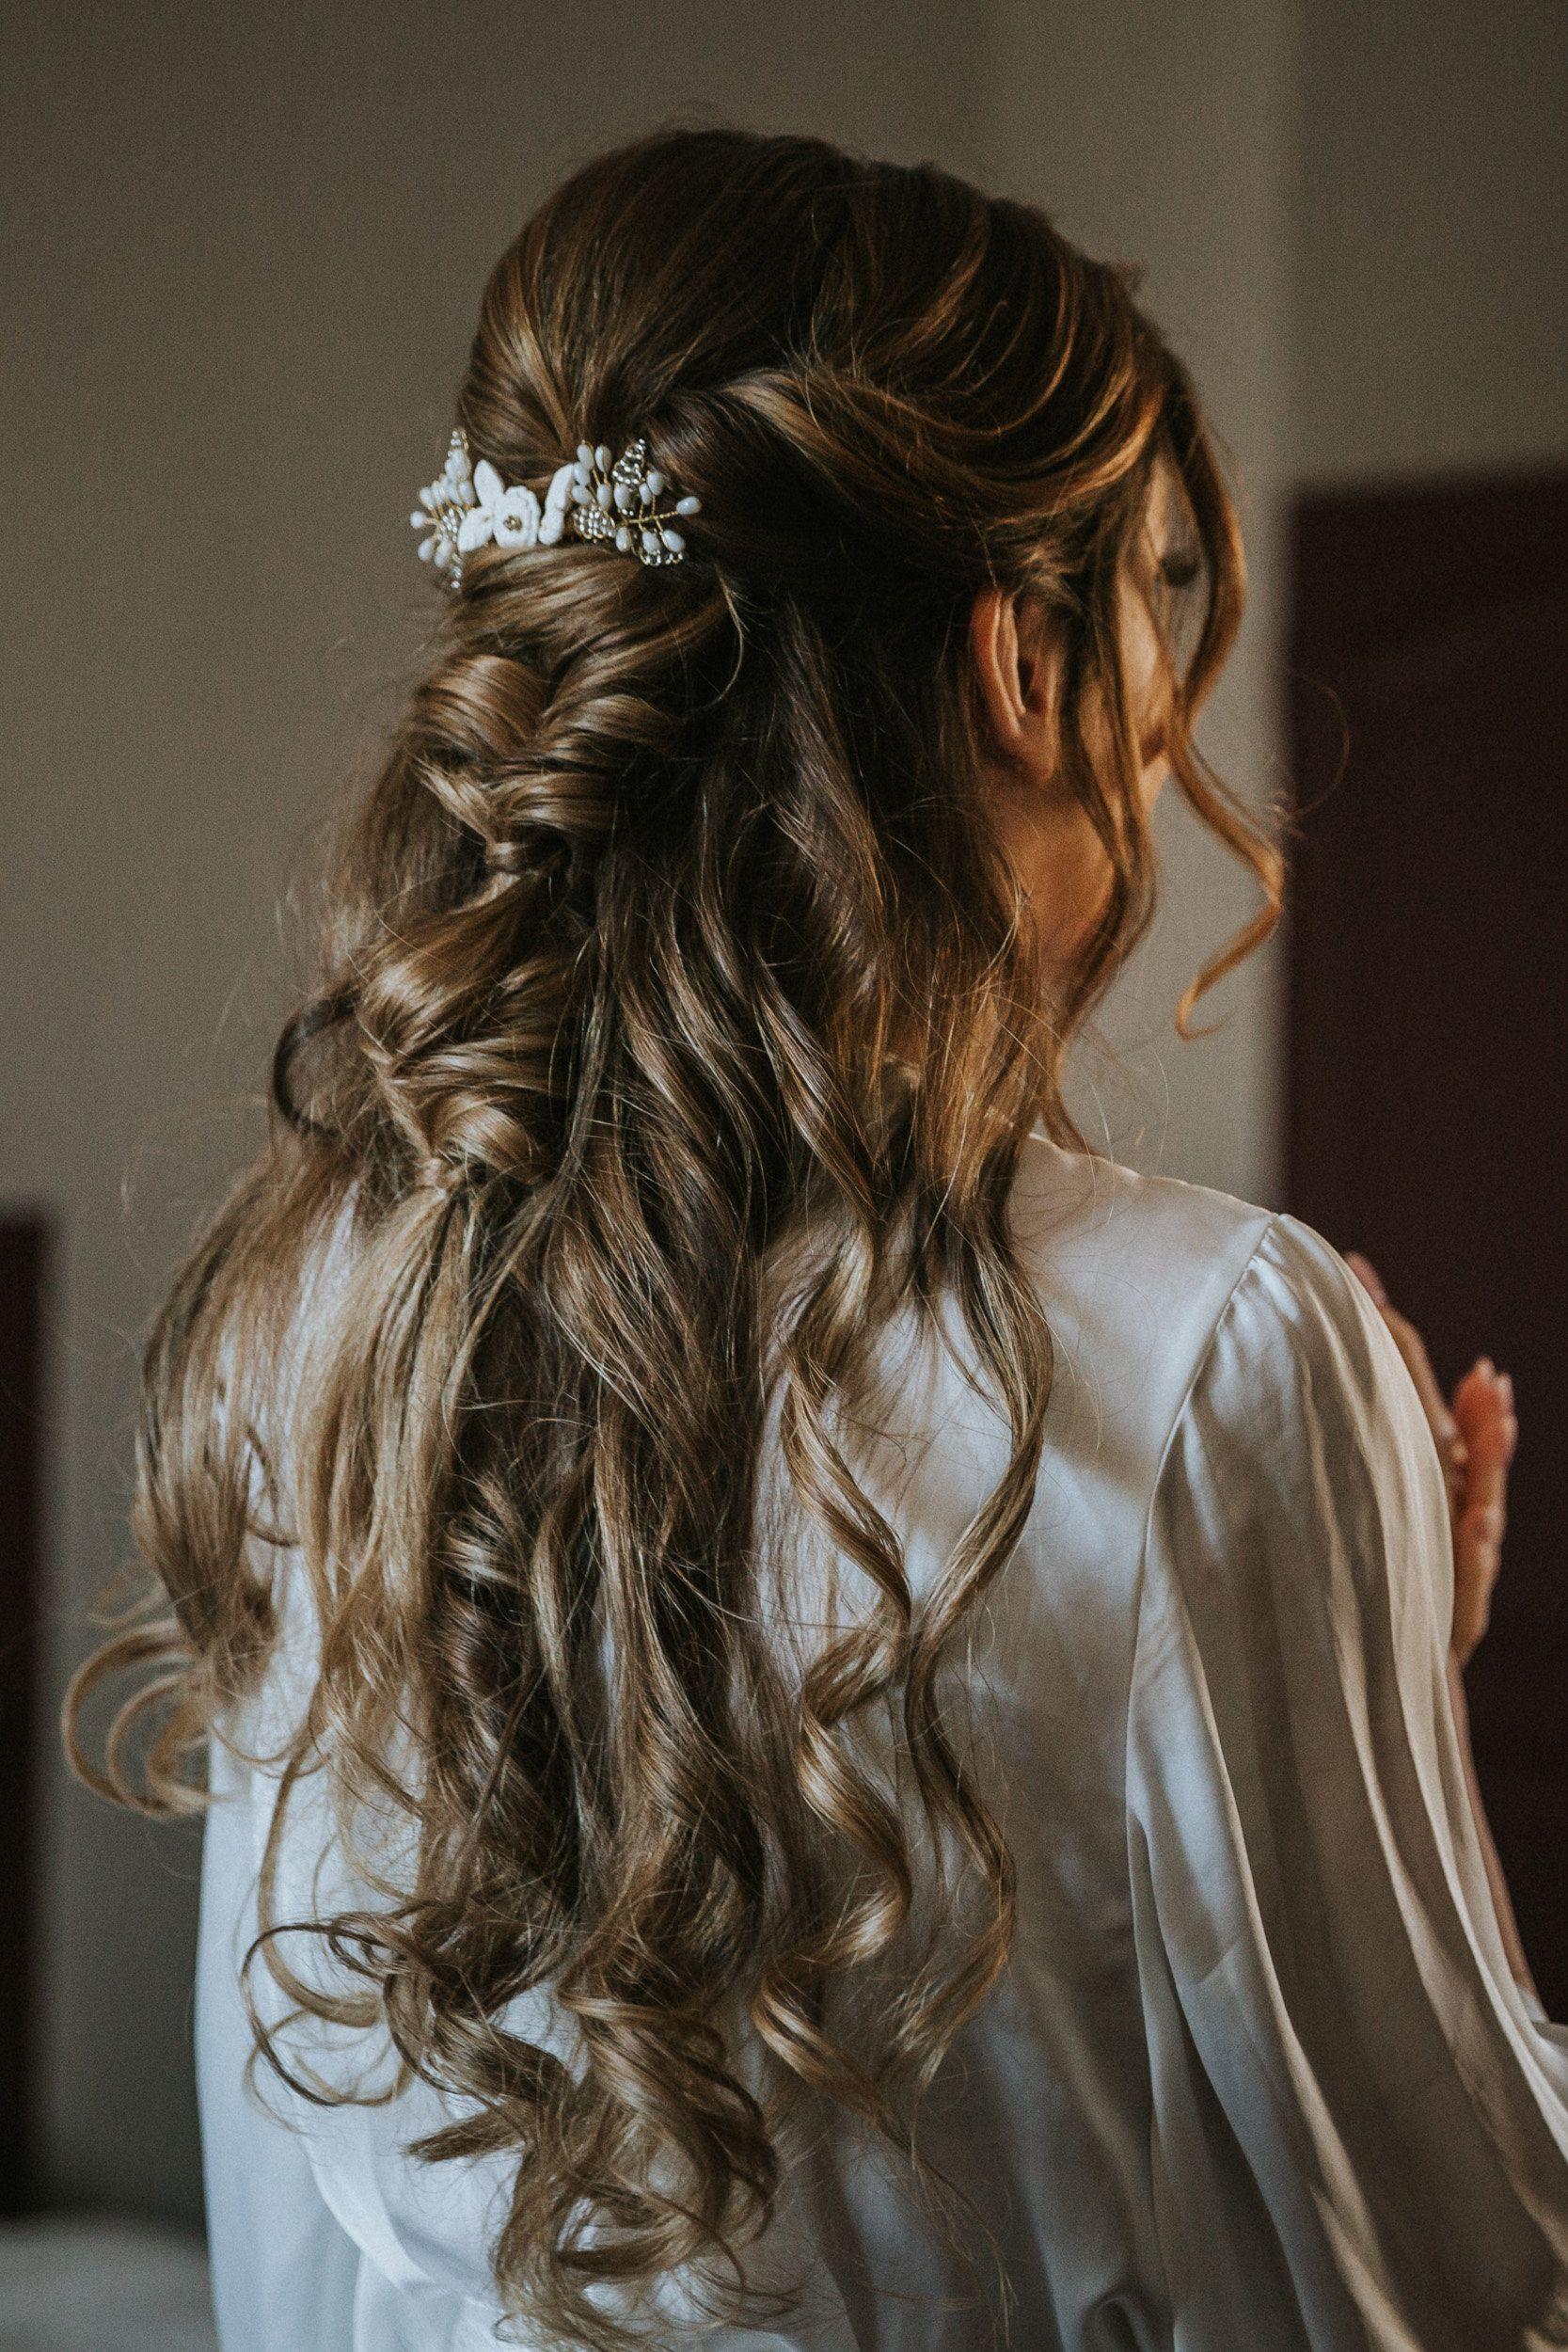 Coiffure De Mariee Detachee Sublimee Par Un Joli Ornement Mariage Cheveux Boucles Coiffure Mariee Coiffure